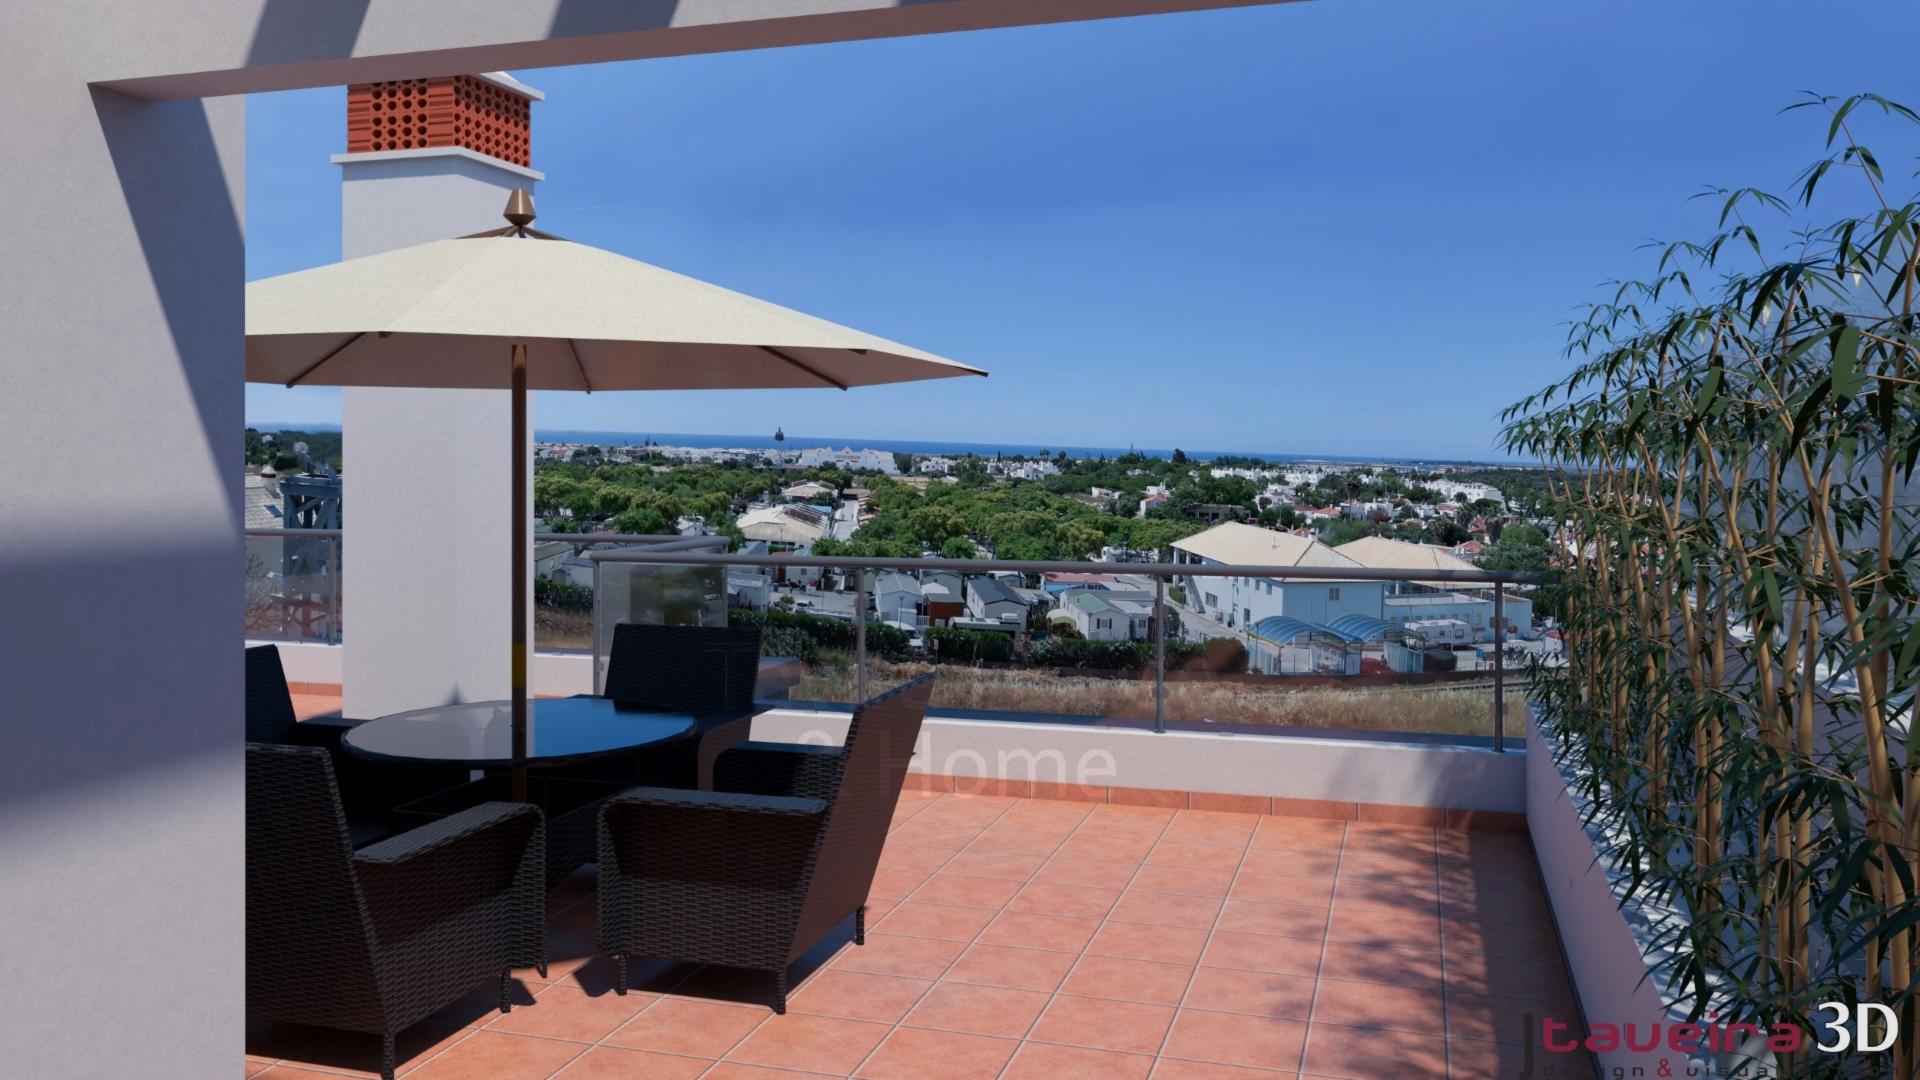 A0627 - 1 Bedroom Apartment With Roof Terrace  Conceição  Tavira  Portugal